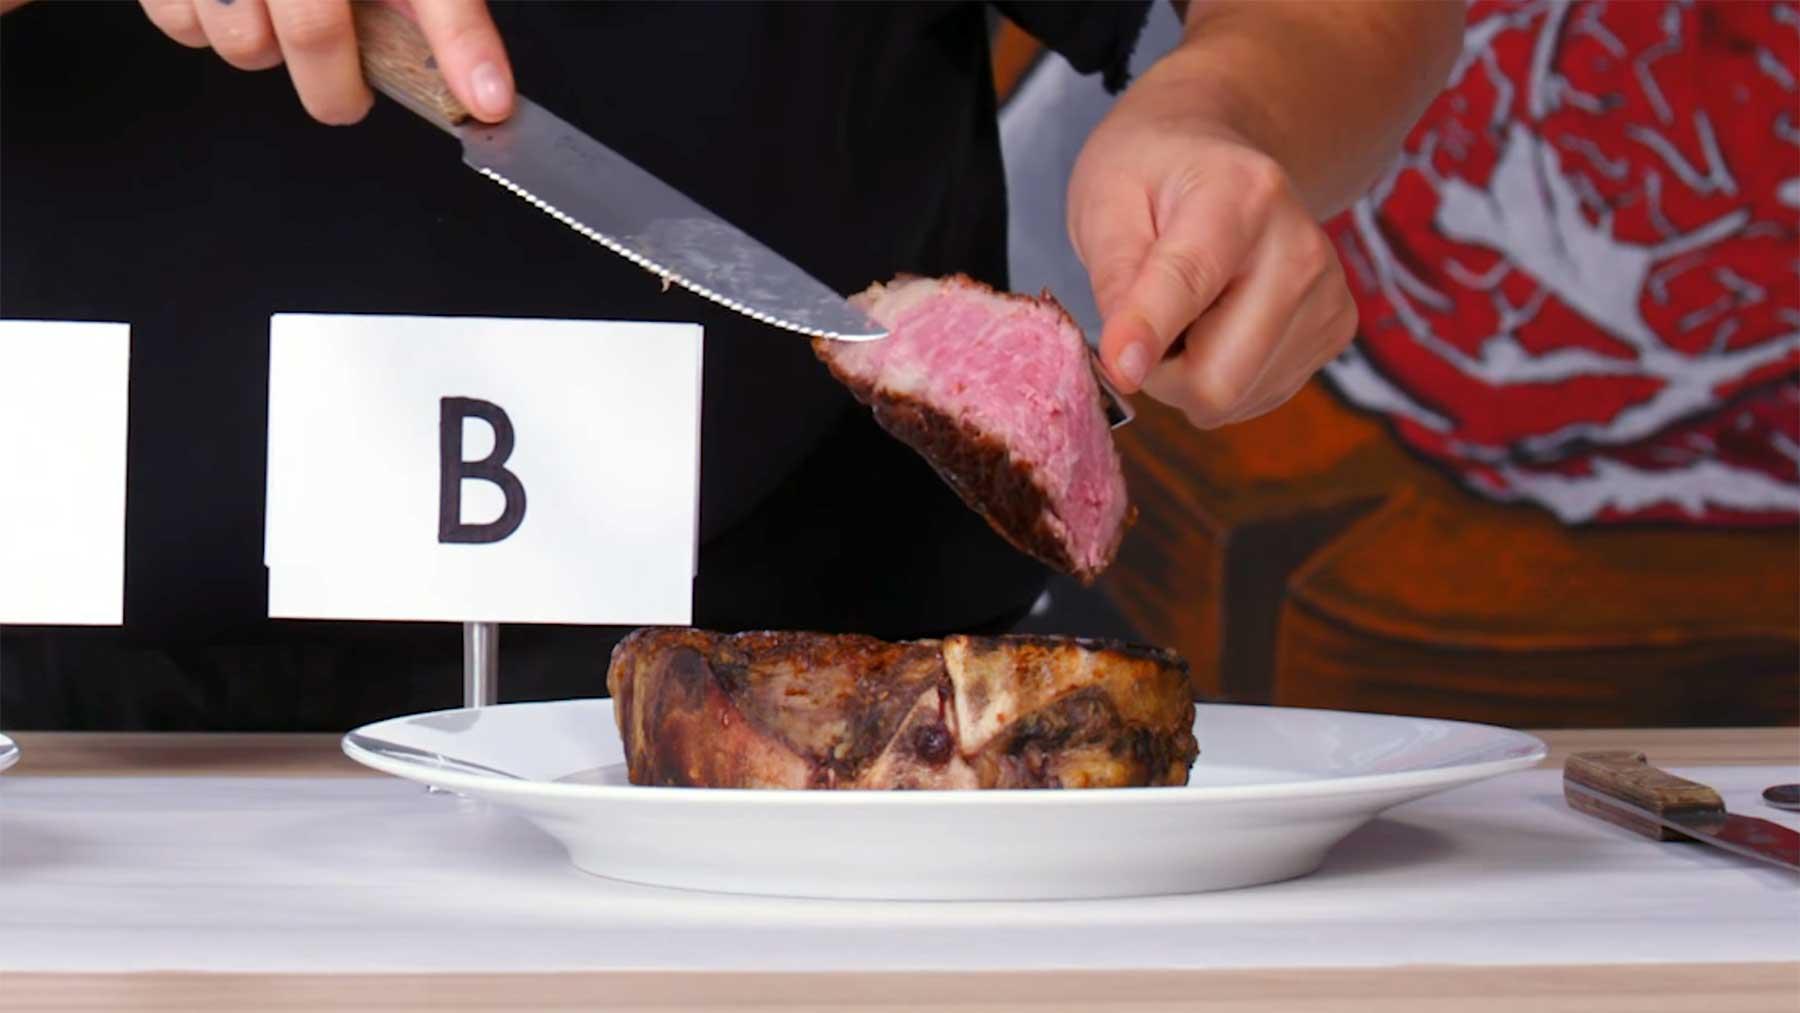 Expertin erklärt, woran man gutes Steak erkennt woran-erkennt-man-gutes-steak